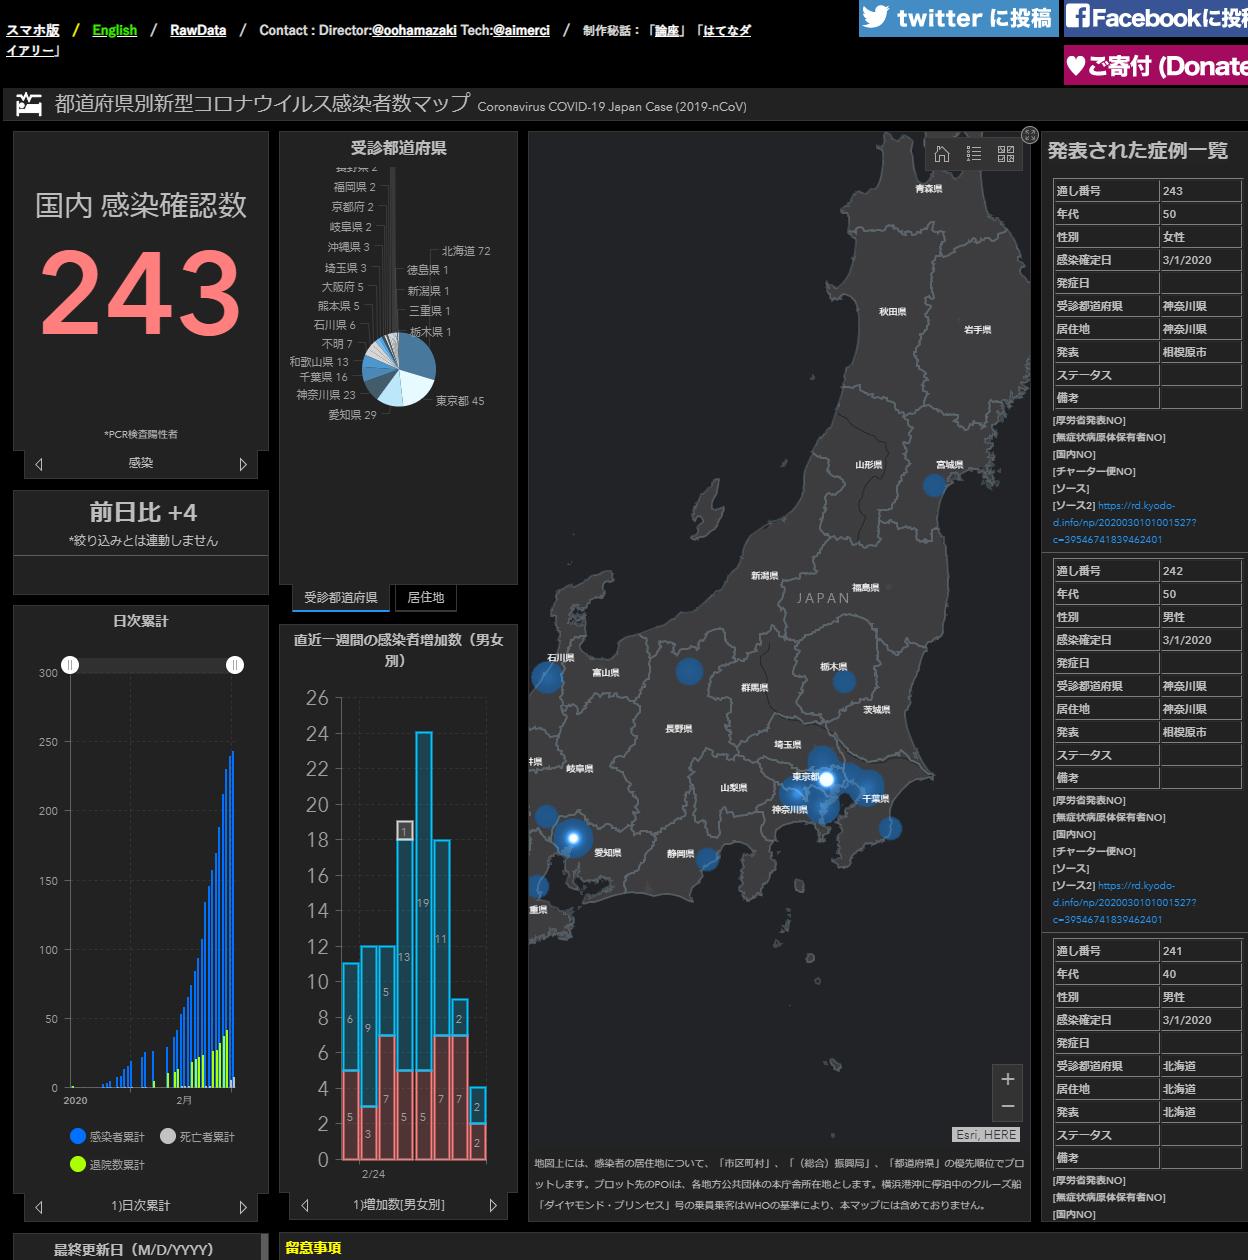 コロナ マップ 日本